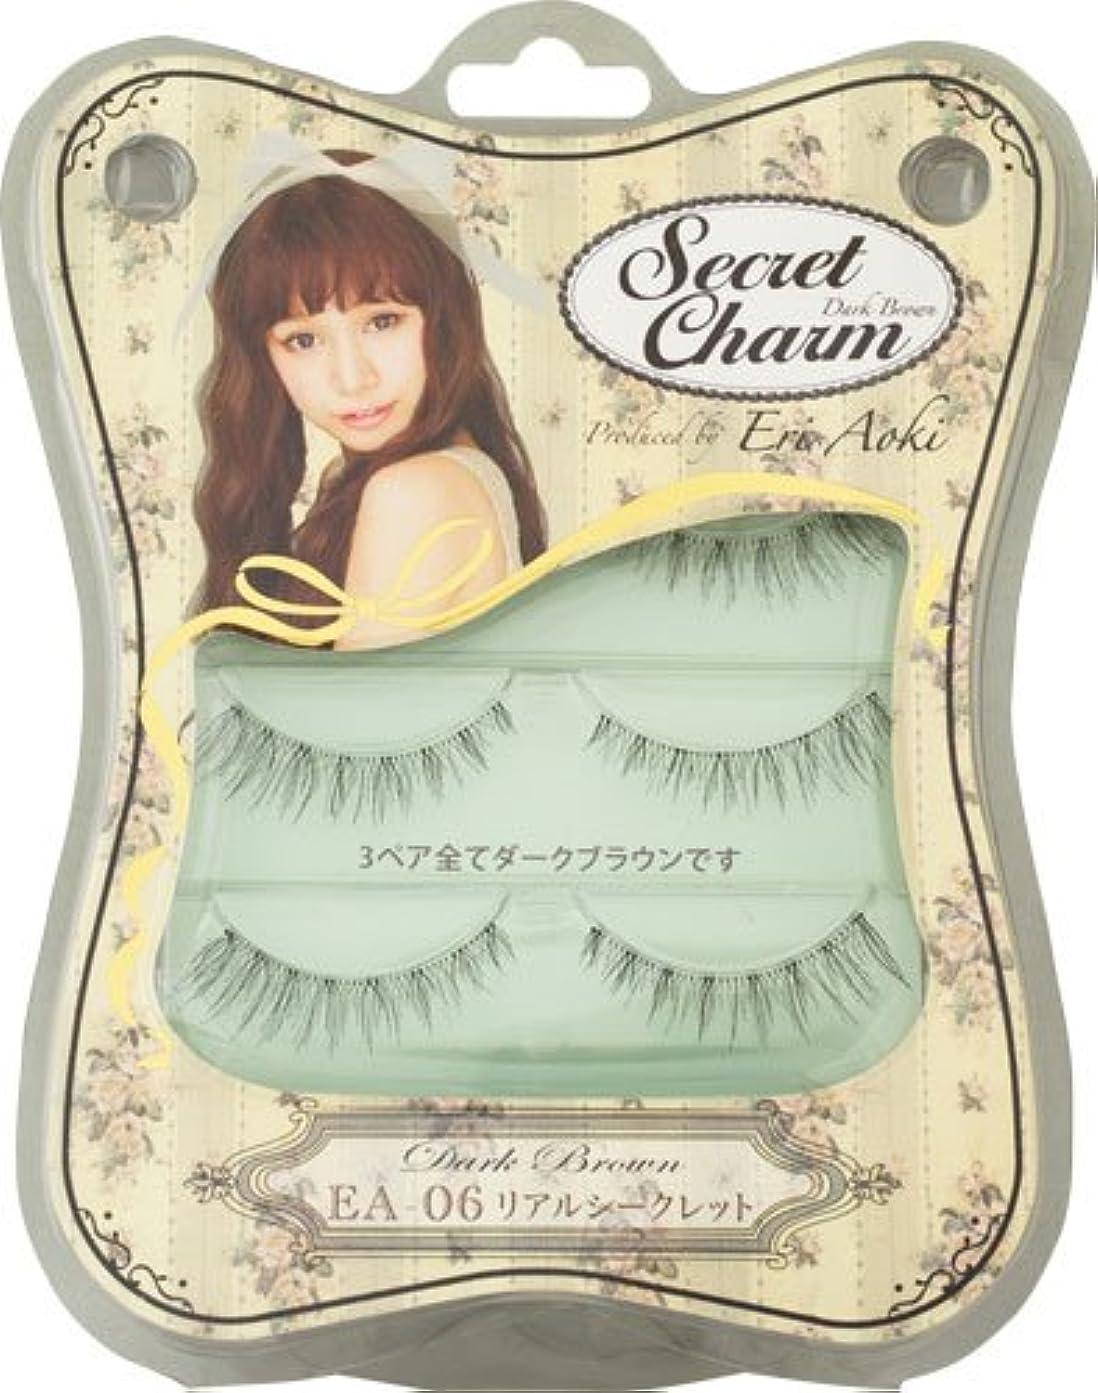 ネックレス最も遠い配るSecret Charm  リアルシークレット ダークブラウン フルタイプ